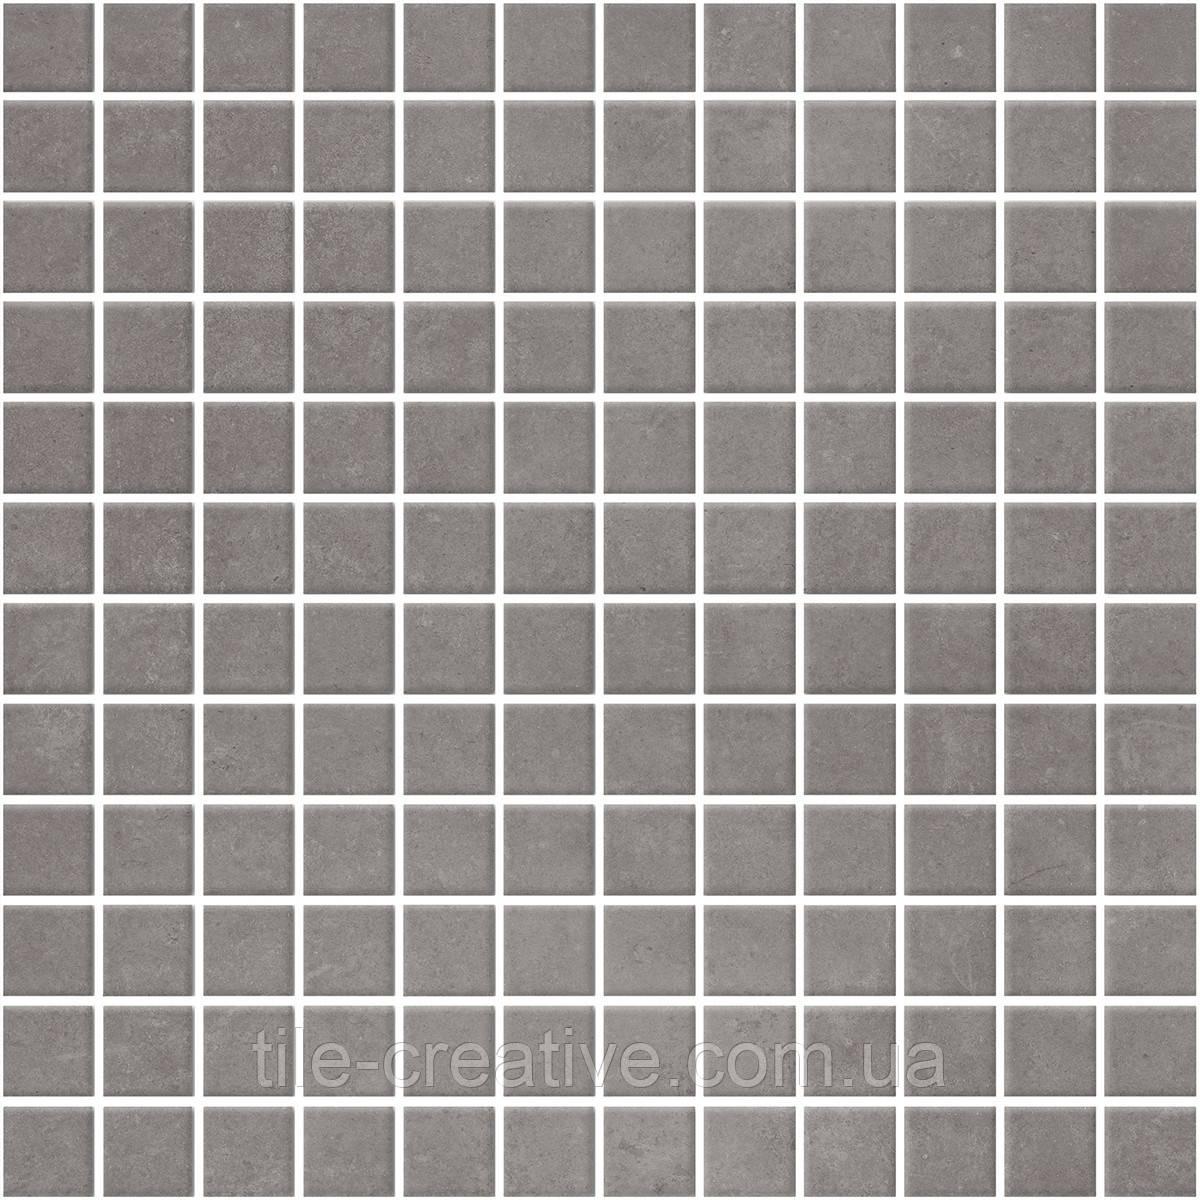 Мозаїка Кастелло сірий темний 29,8х29,8х3,5 20107